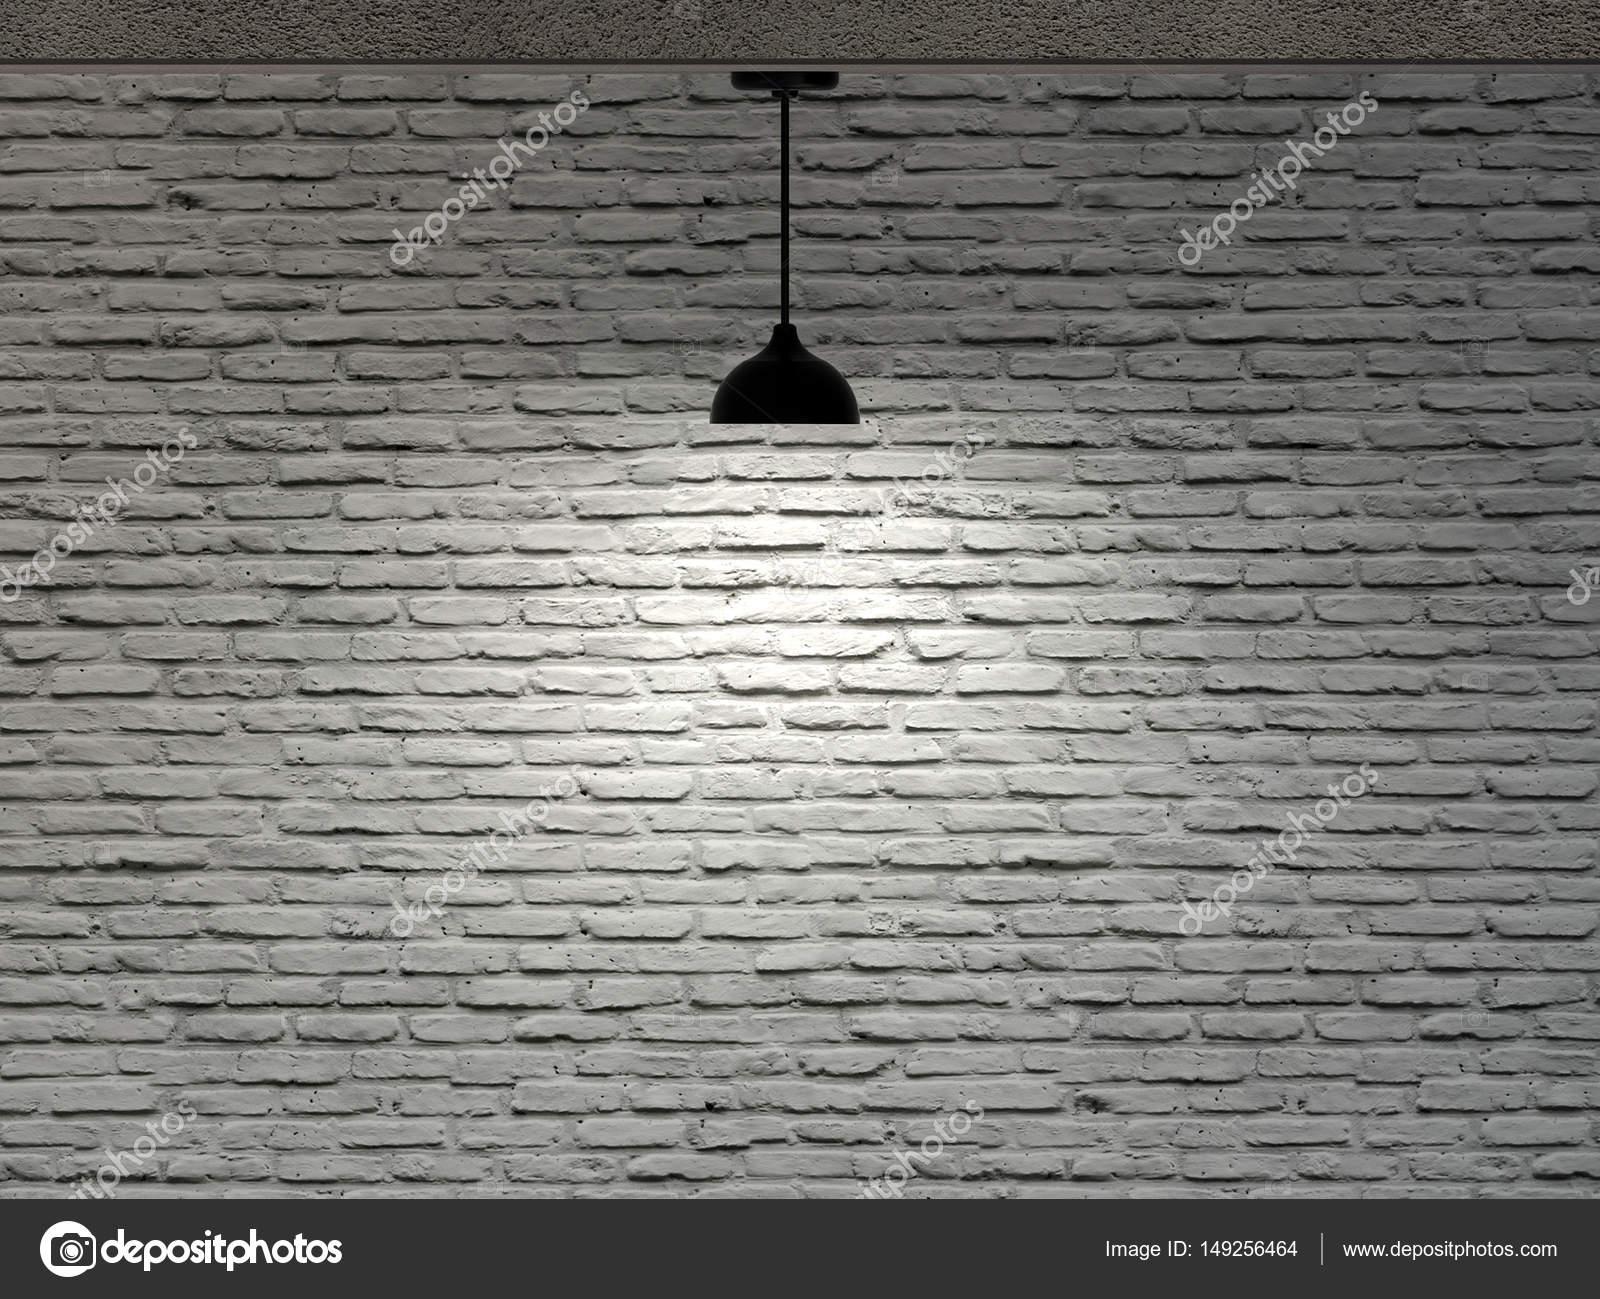 Plafoniera Muro : Muro di mattoni e una plafoniera u foto stock bruesw